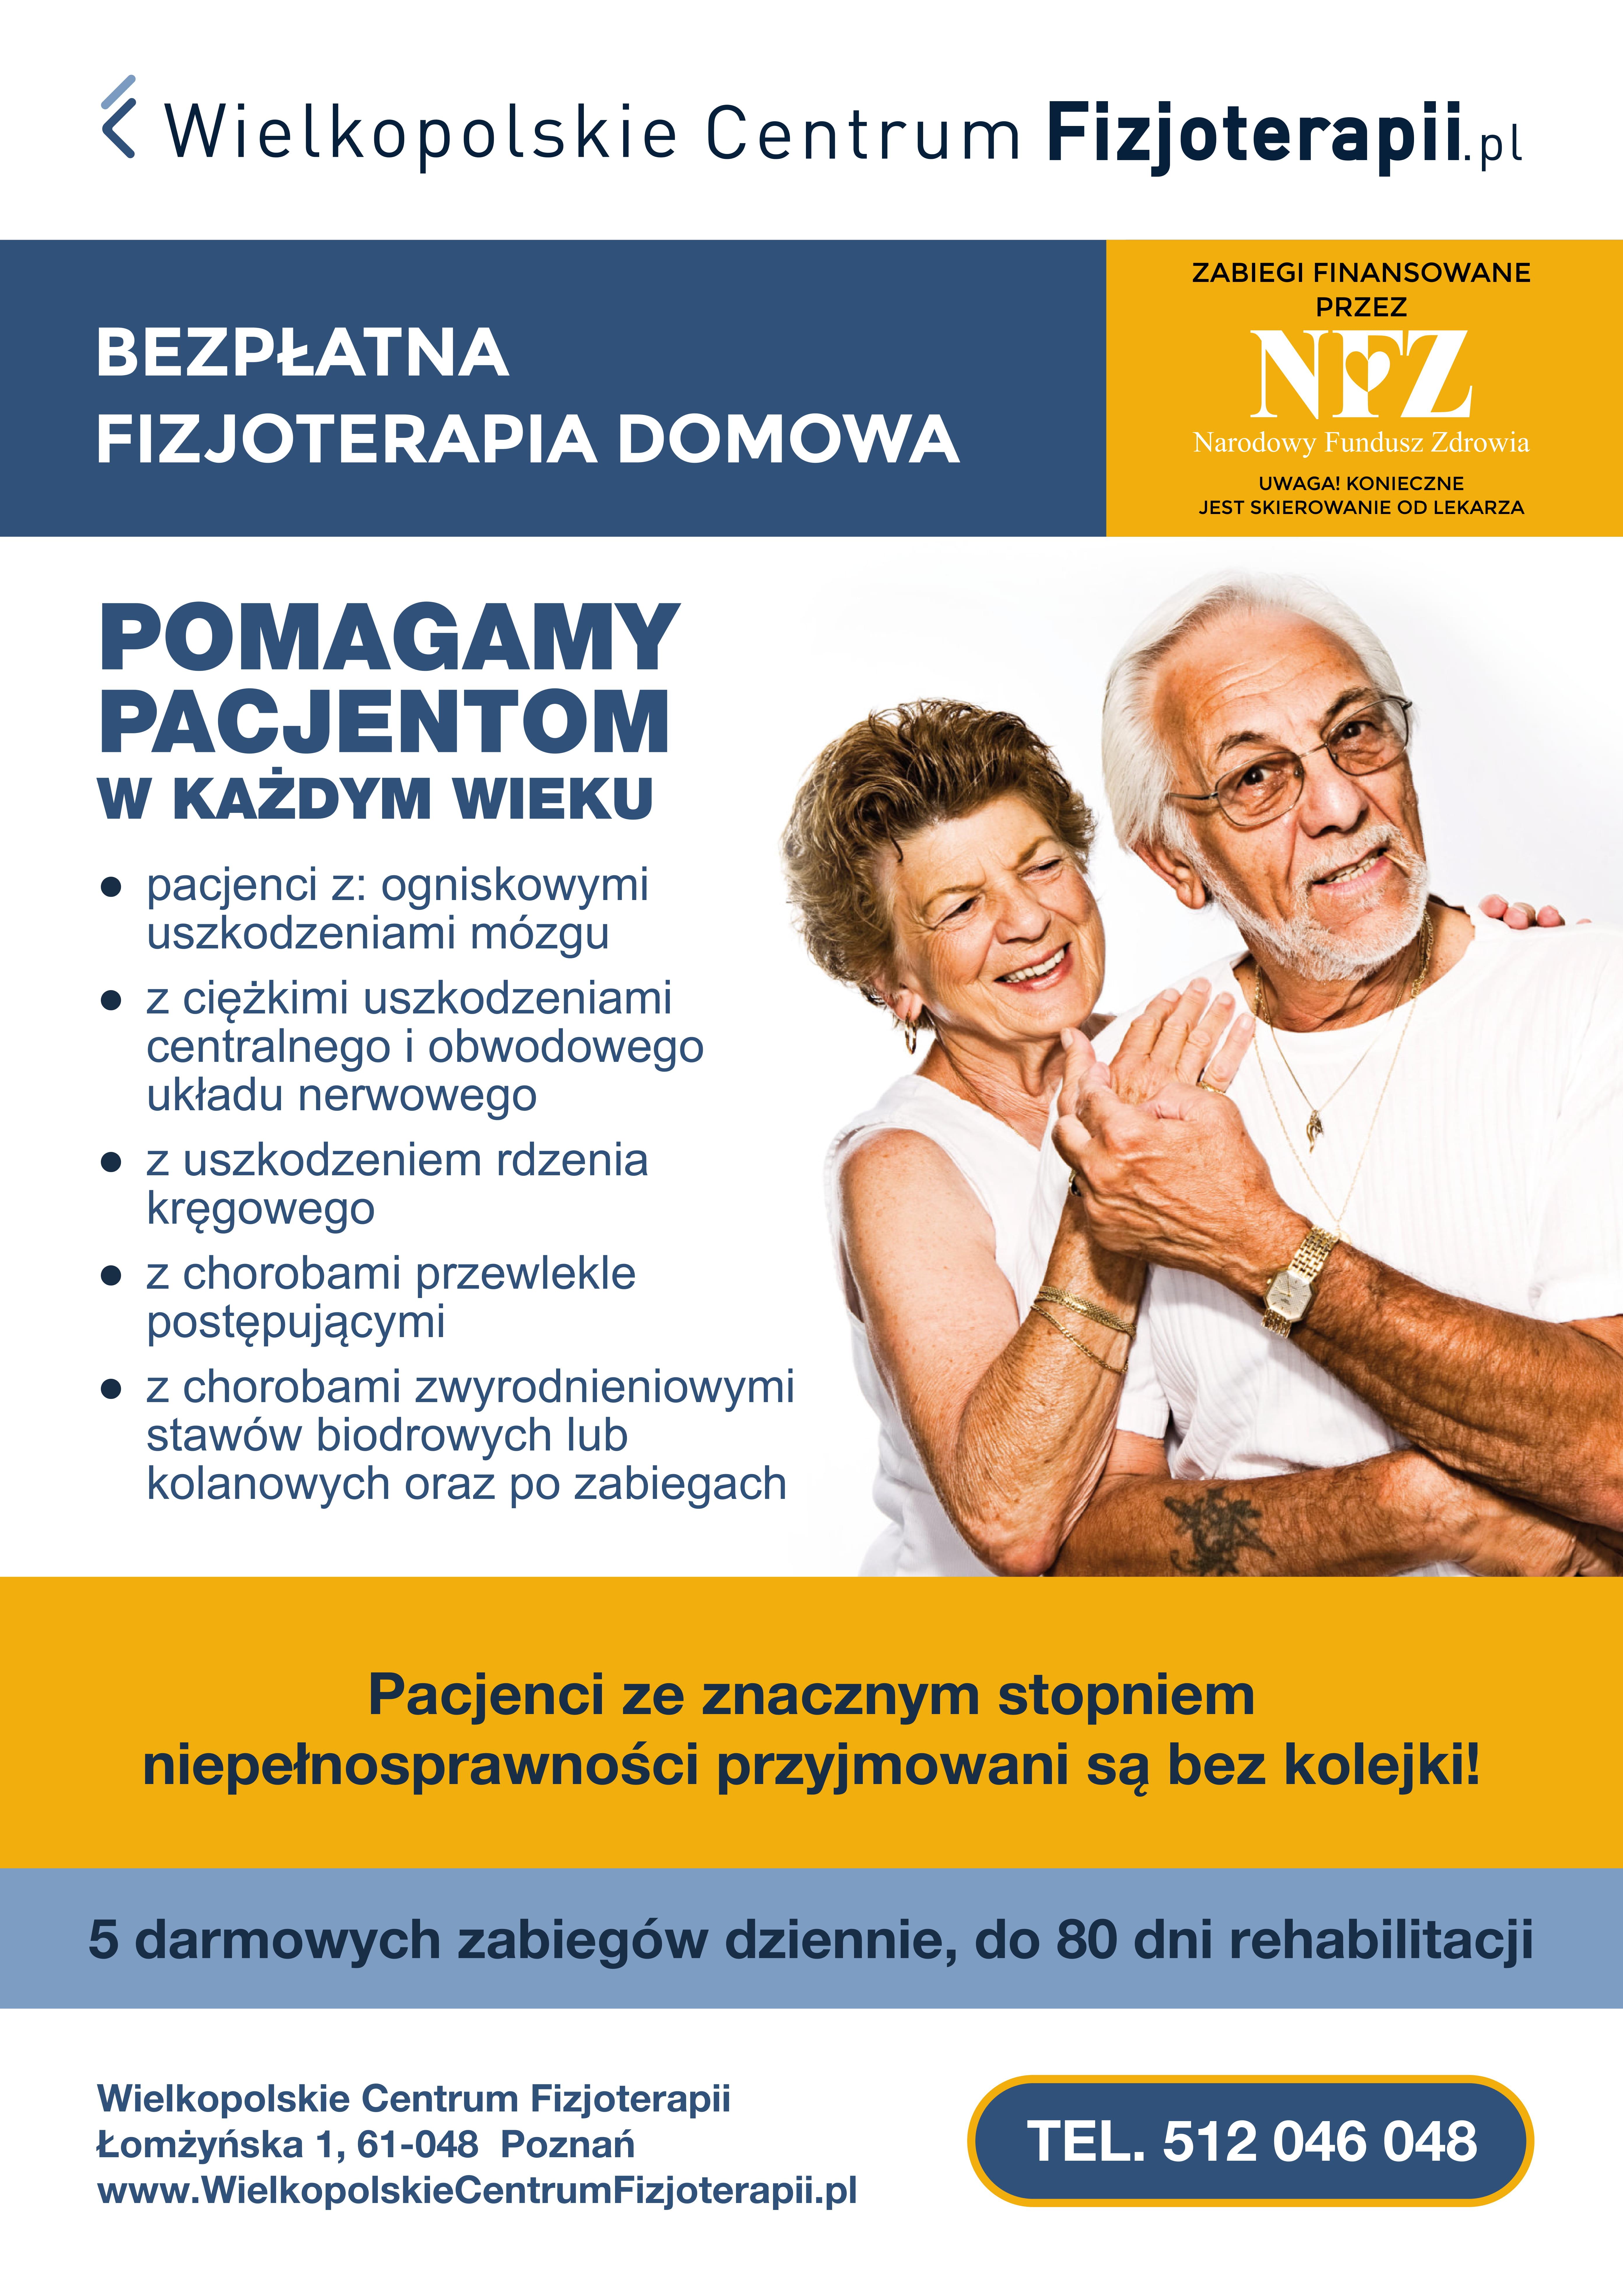 Bezpłatna fizjoterapia domowa i ambulatoryjna